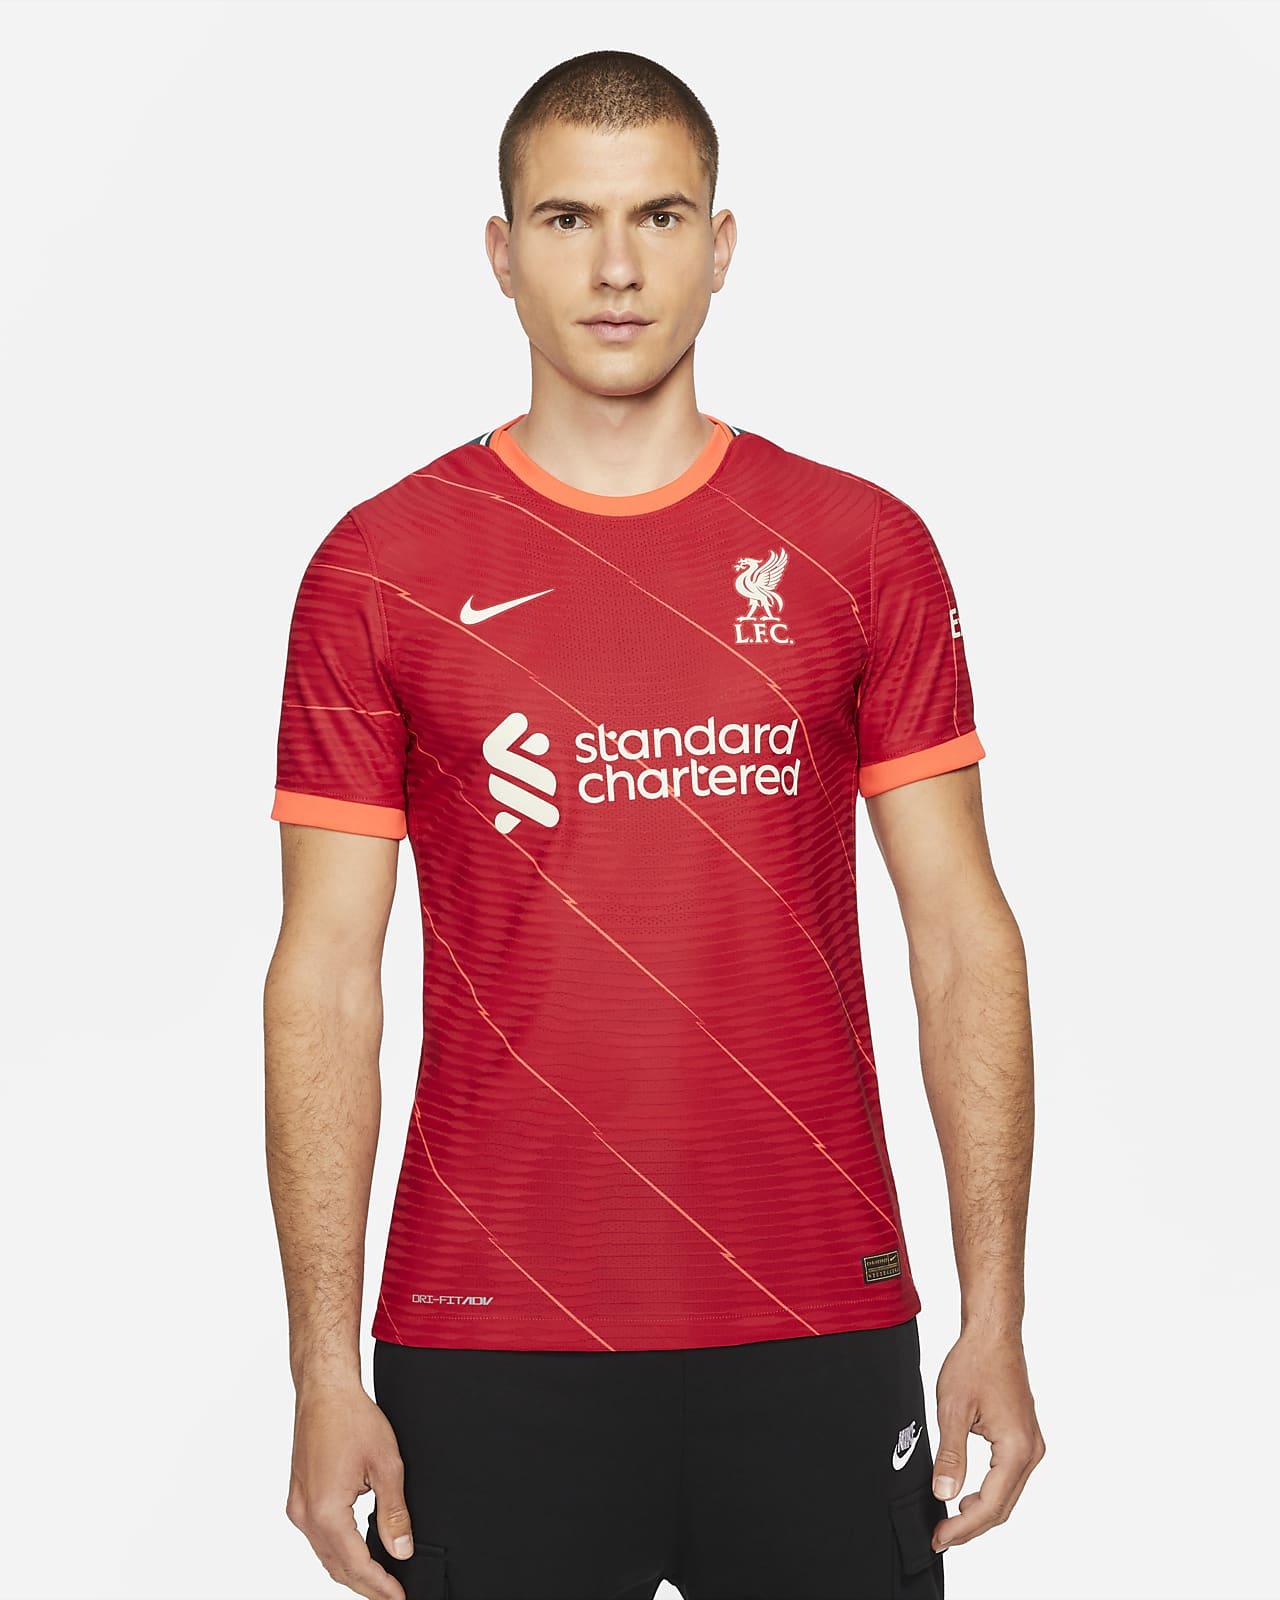 Camisola de futebol Nike Dri-FIT ADV do equipamento principal Match Liverpool FC 2021/22 para homem